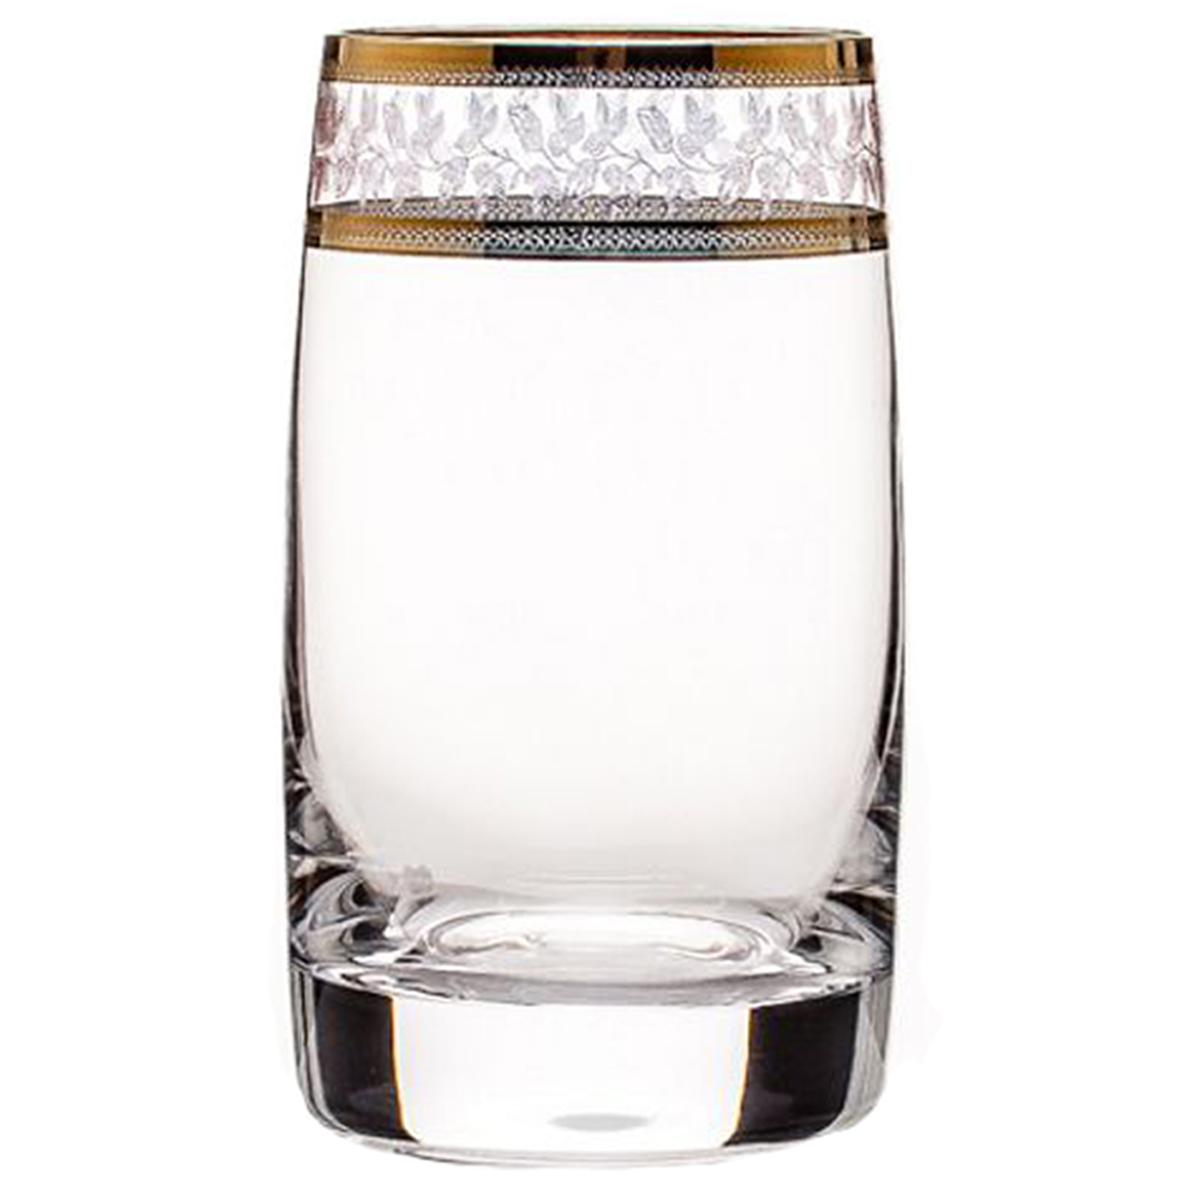 """Бокалы для воды/сока """"Идеал"""" изготовлены из чешского стекла высокого качества. Бокалы """"Идеал"""" станут прекрасным дополнением любого стола. Объем: 250 мл.Количество в упаковке: 6 шт."""